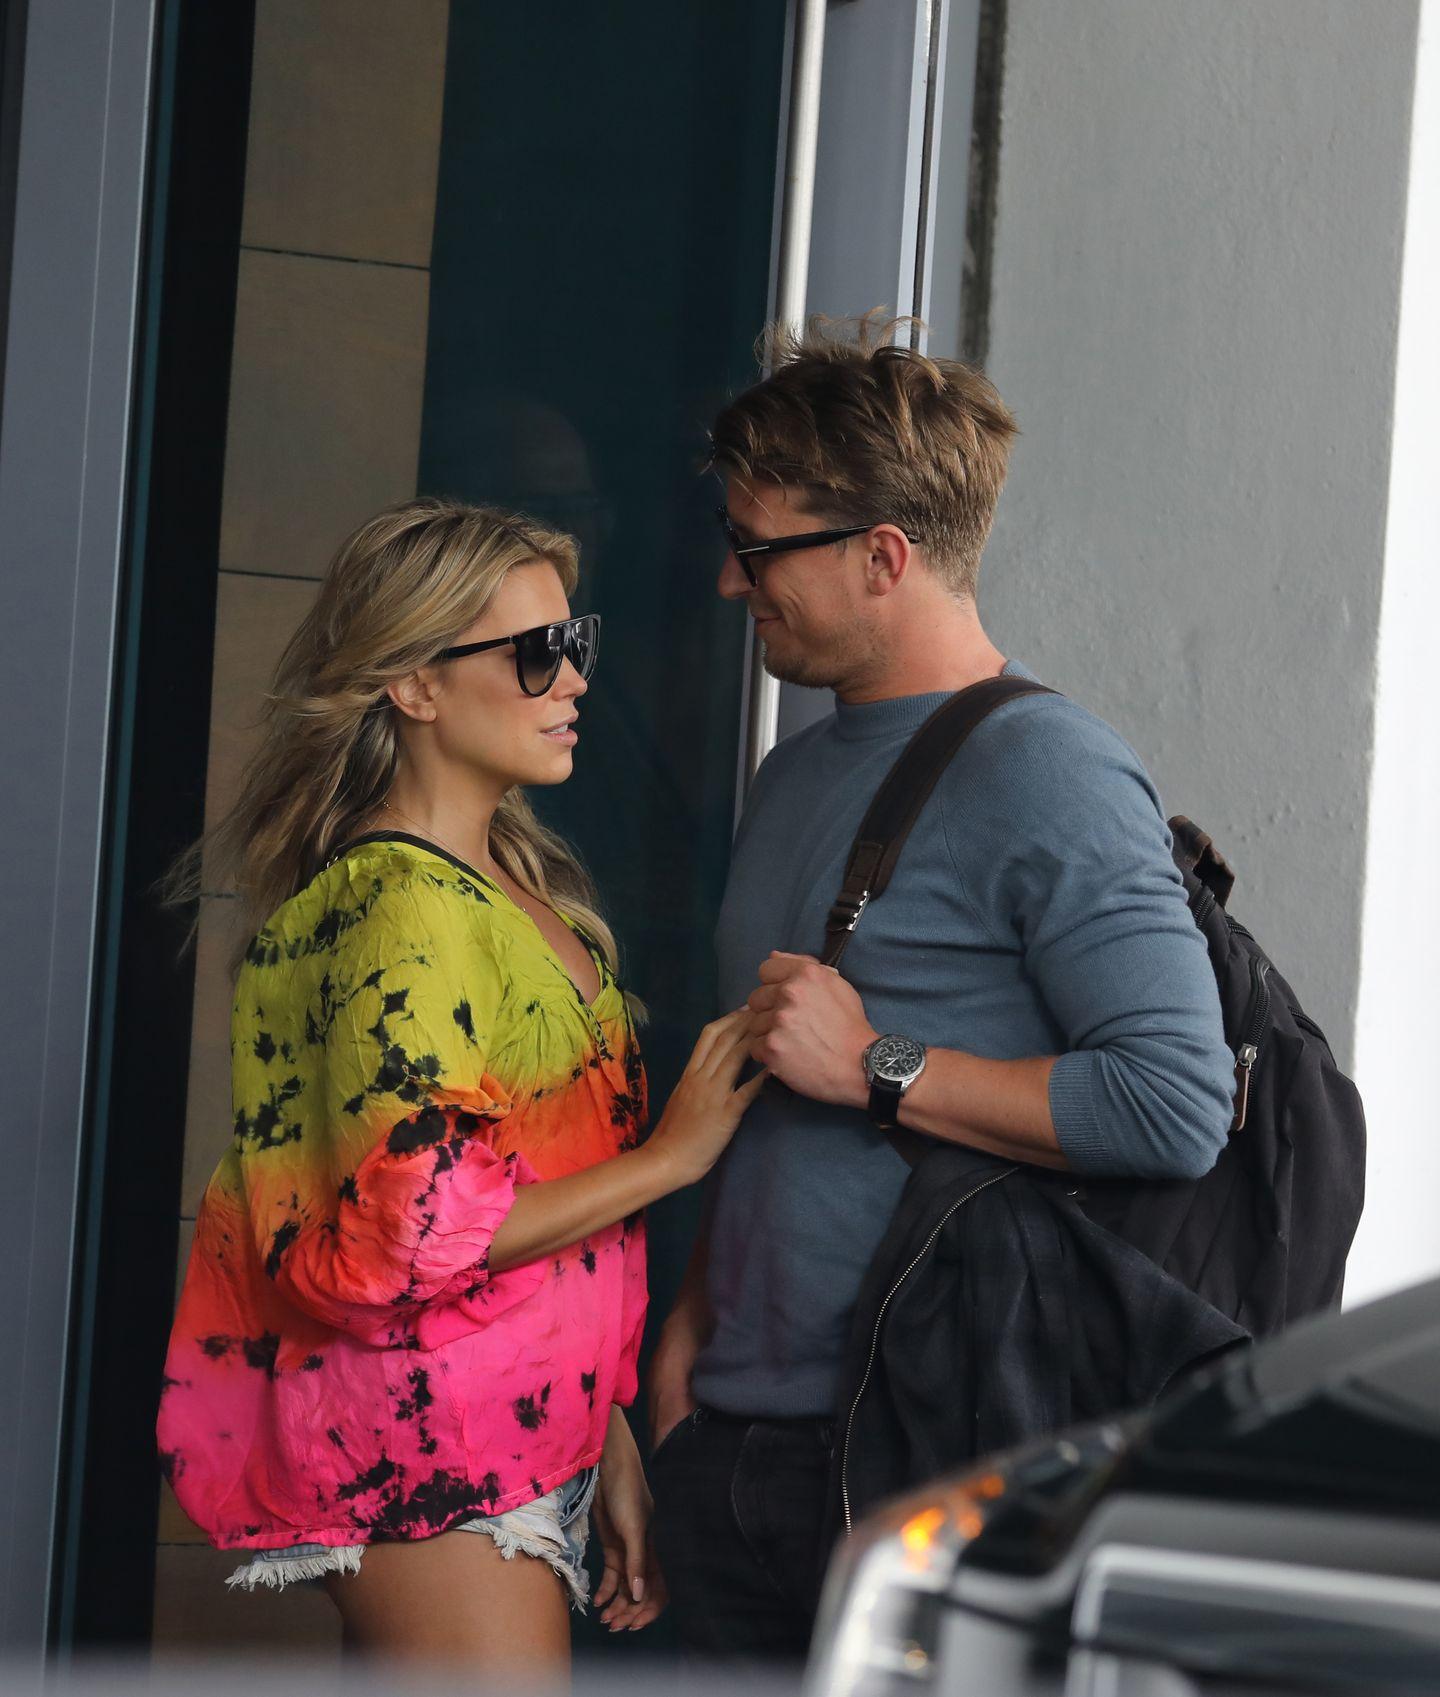 4. Januar 2018  Vor ihrem Hotel in Miami teilen Moderatorin Sylvie Meis und Filmproduzent Bart Willemsen einen liebevollen Moment.